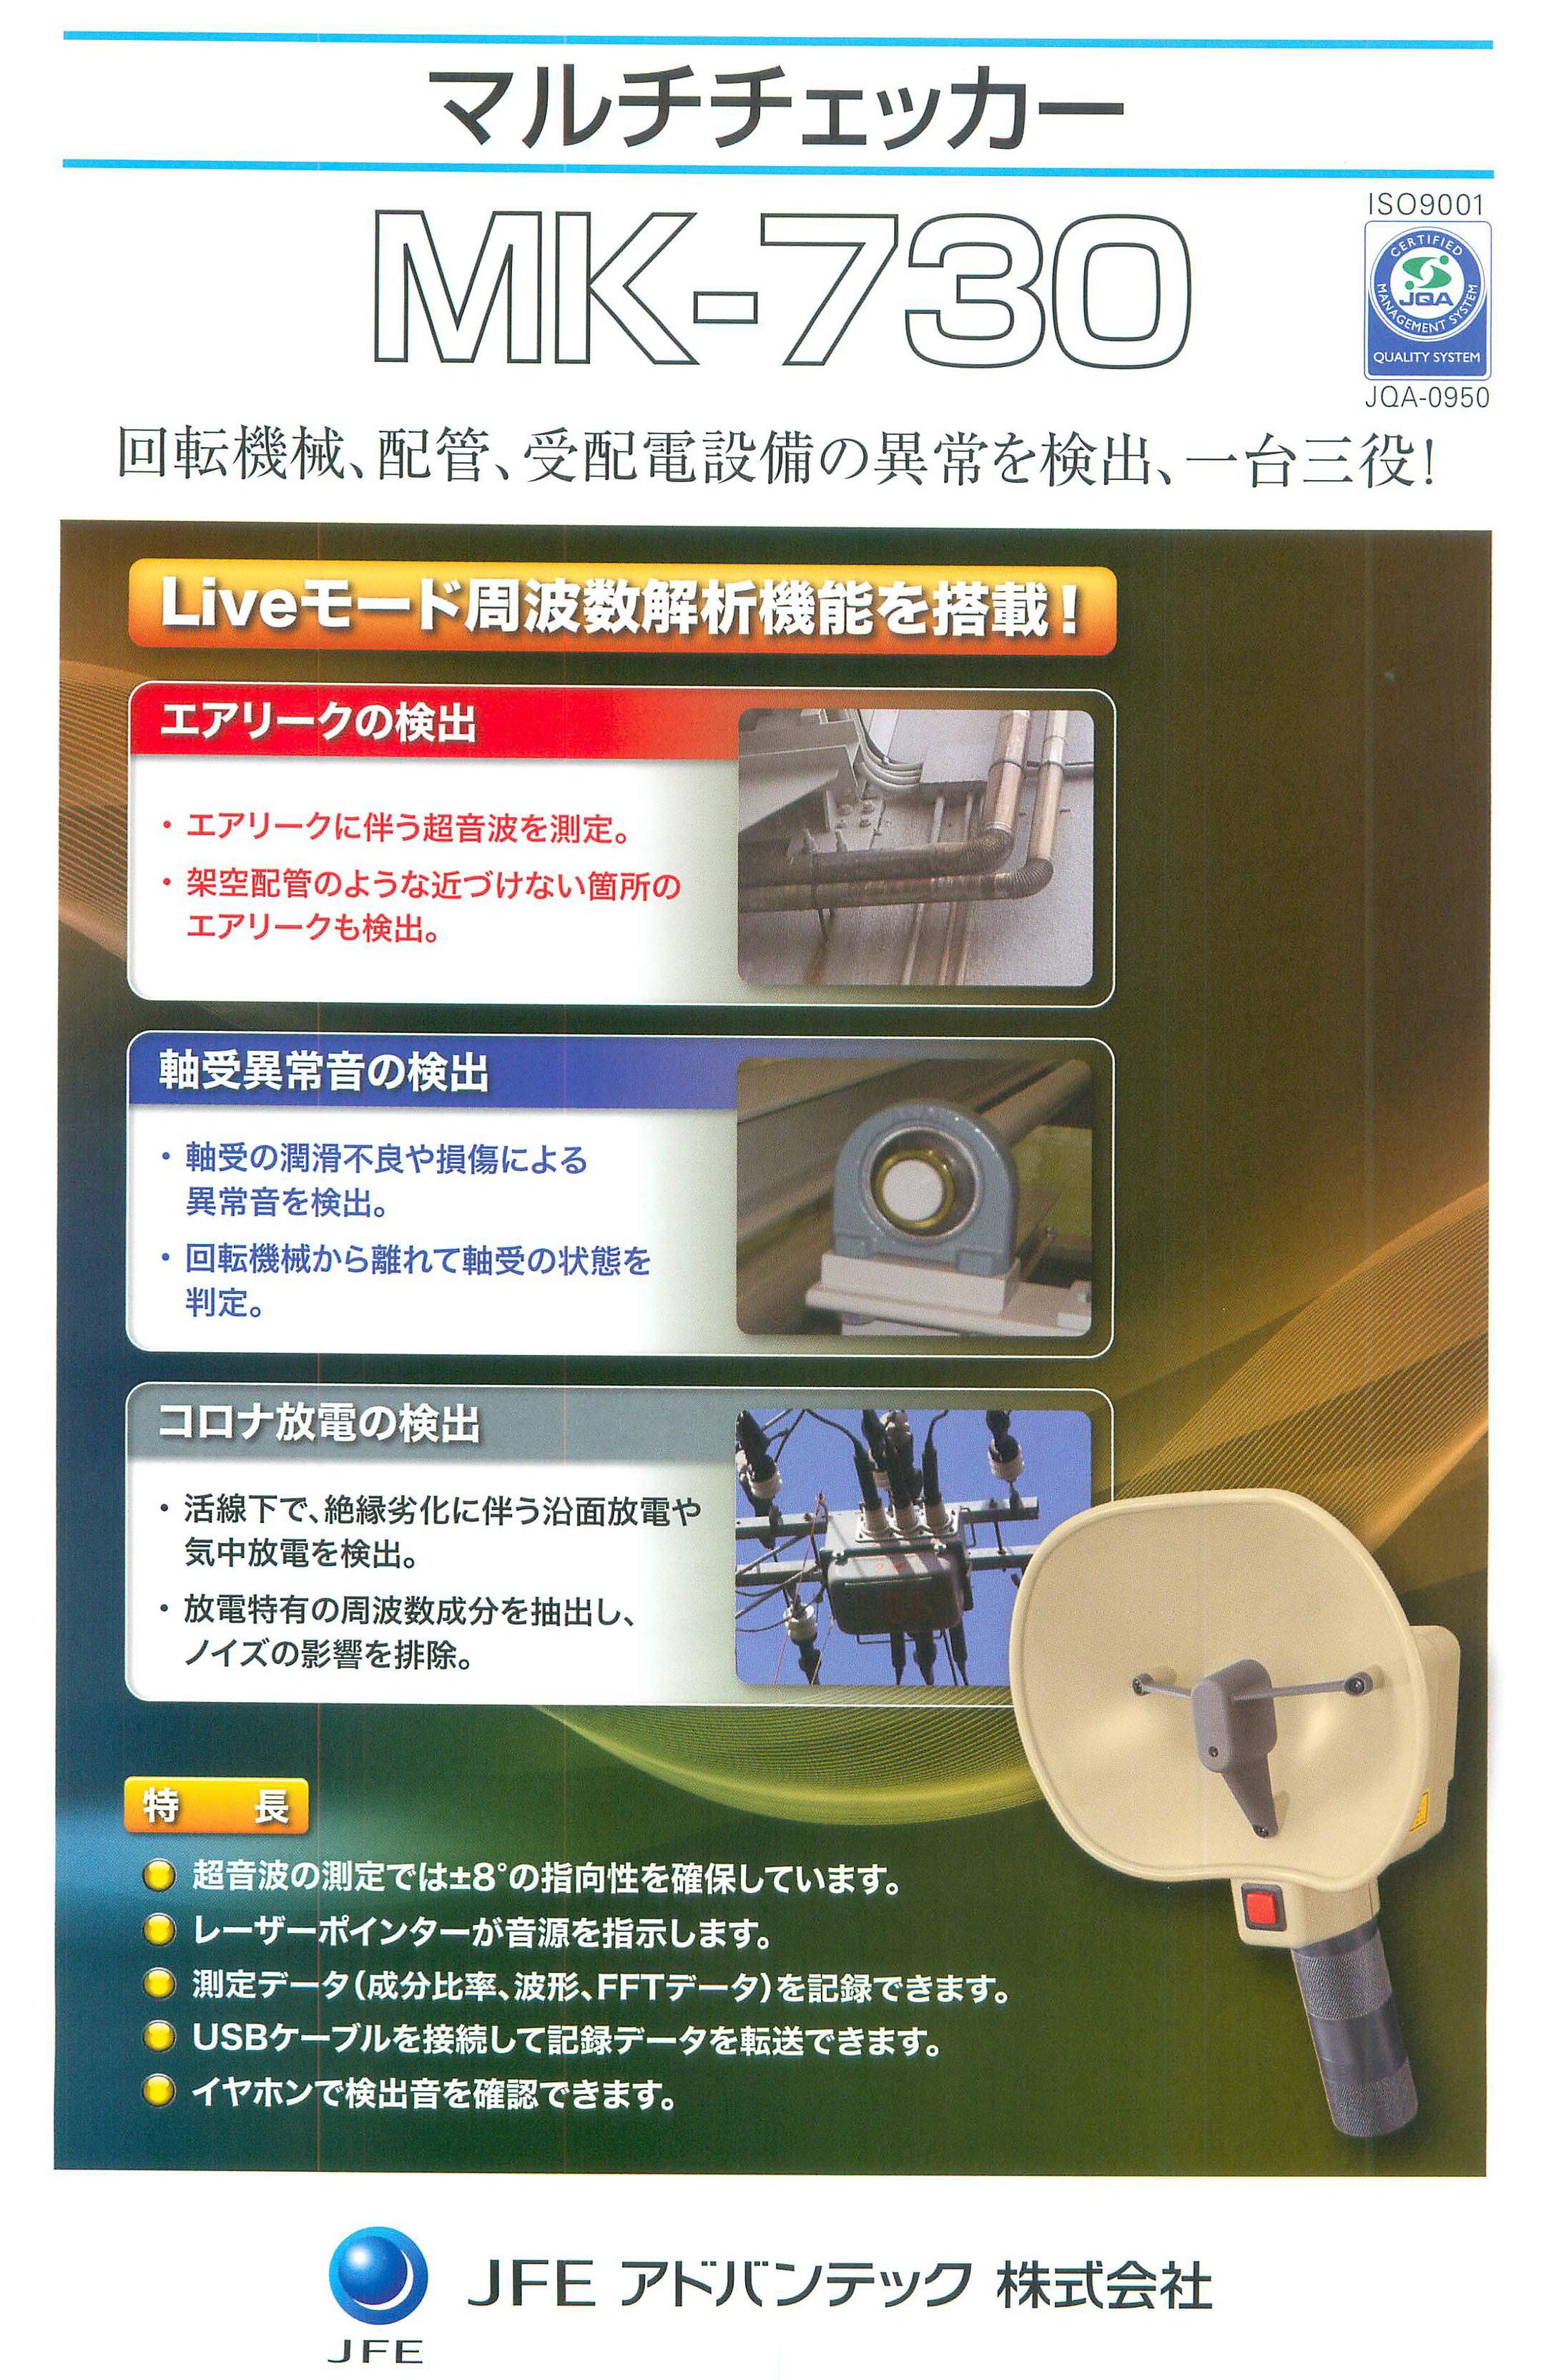 JFEアドバンテック株式会社 マルチチェッカーMK -730